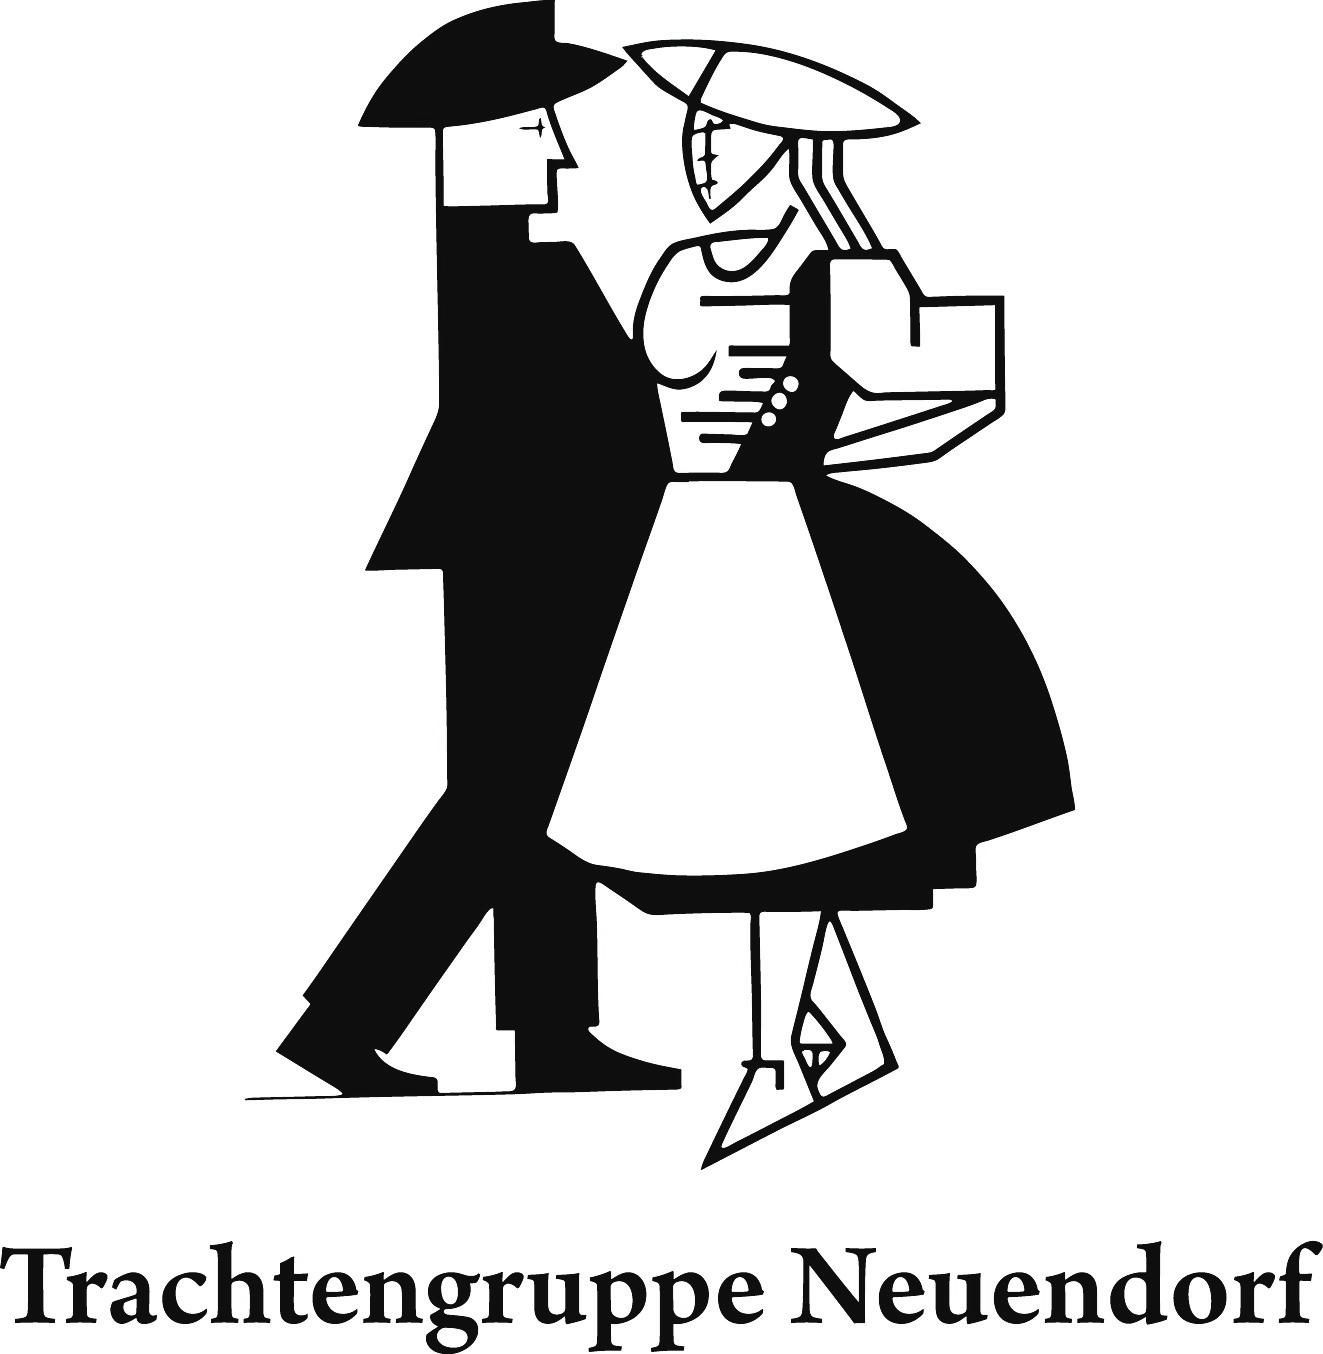 Trachtengruppe Neuendorf